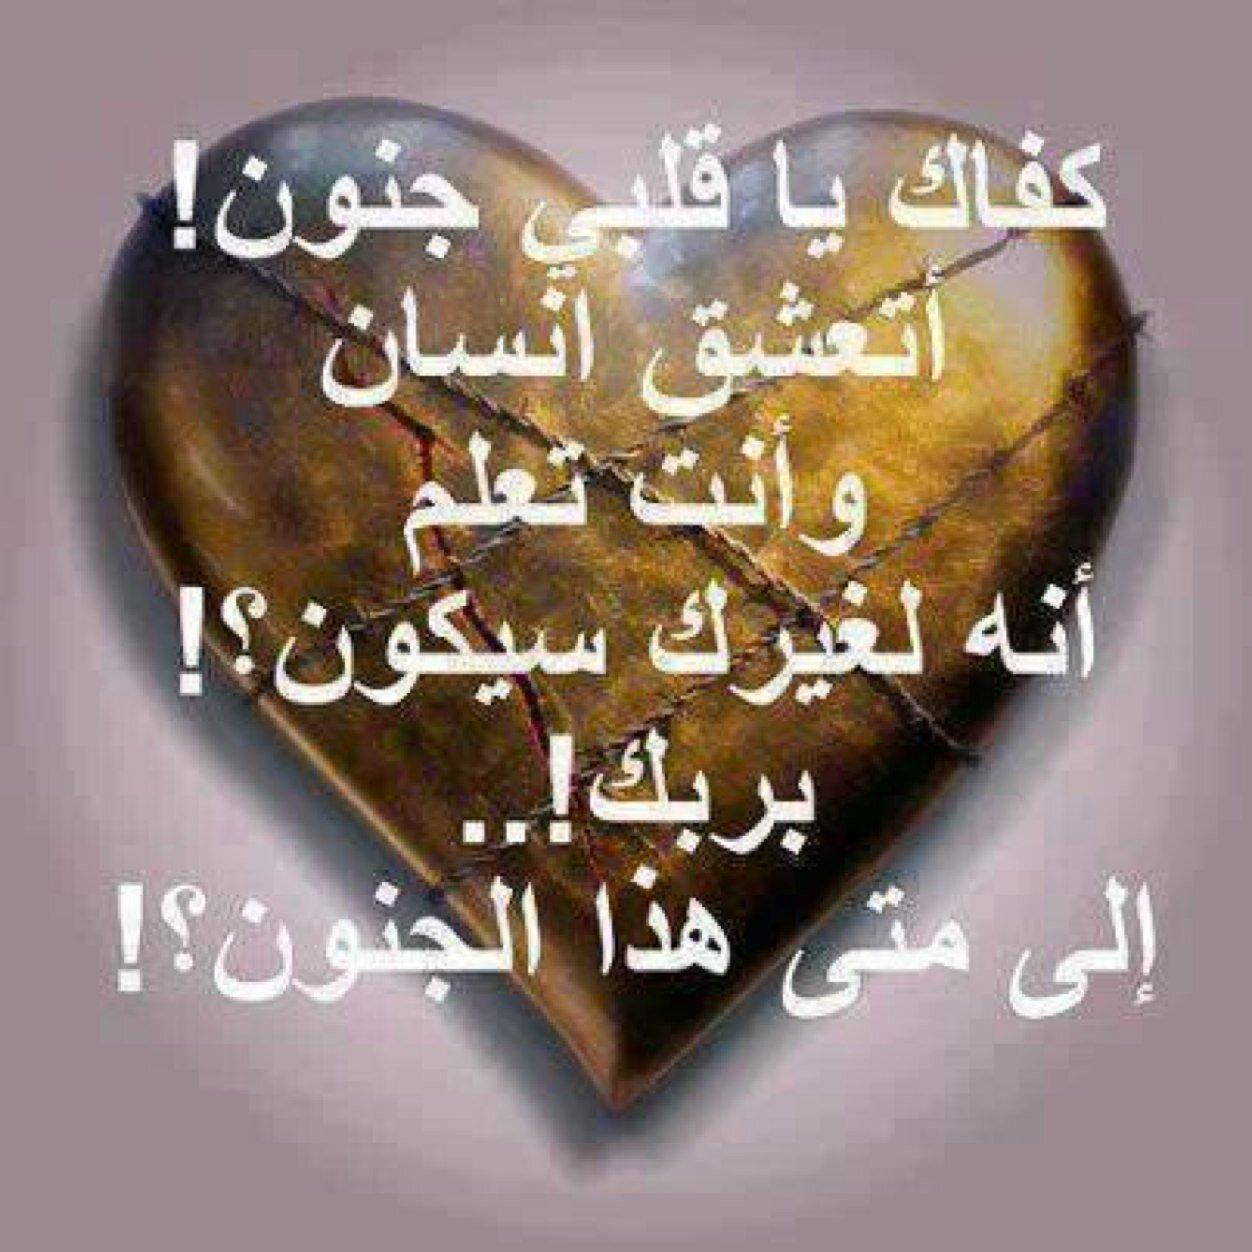 اقوال ممتازة حكم وامثال عن الحب حزينة